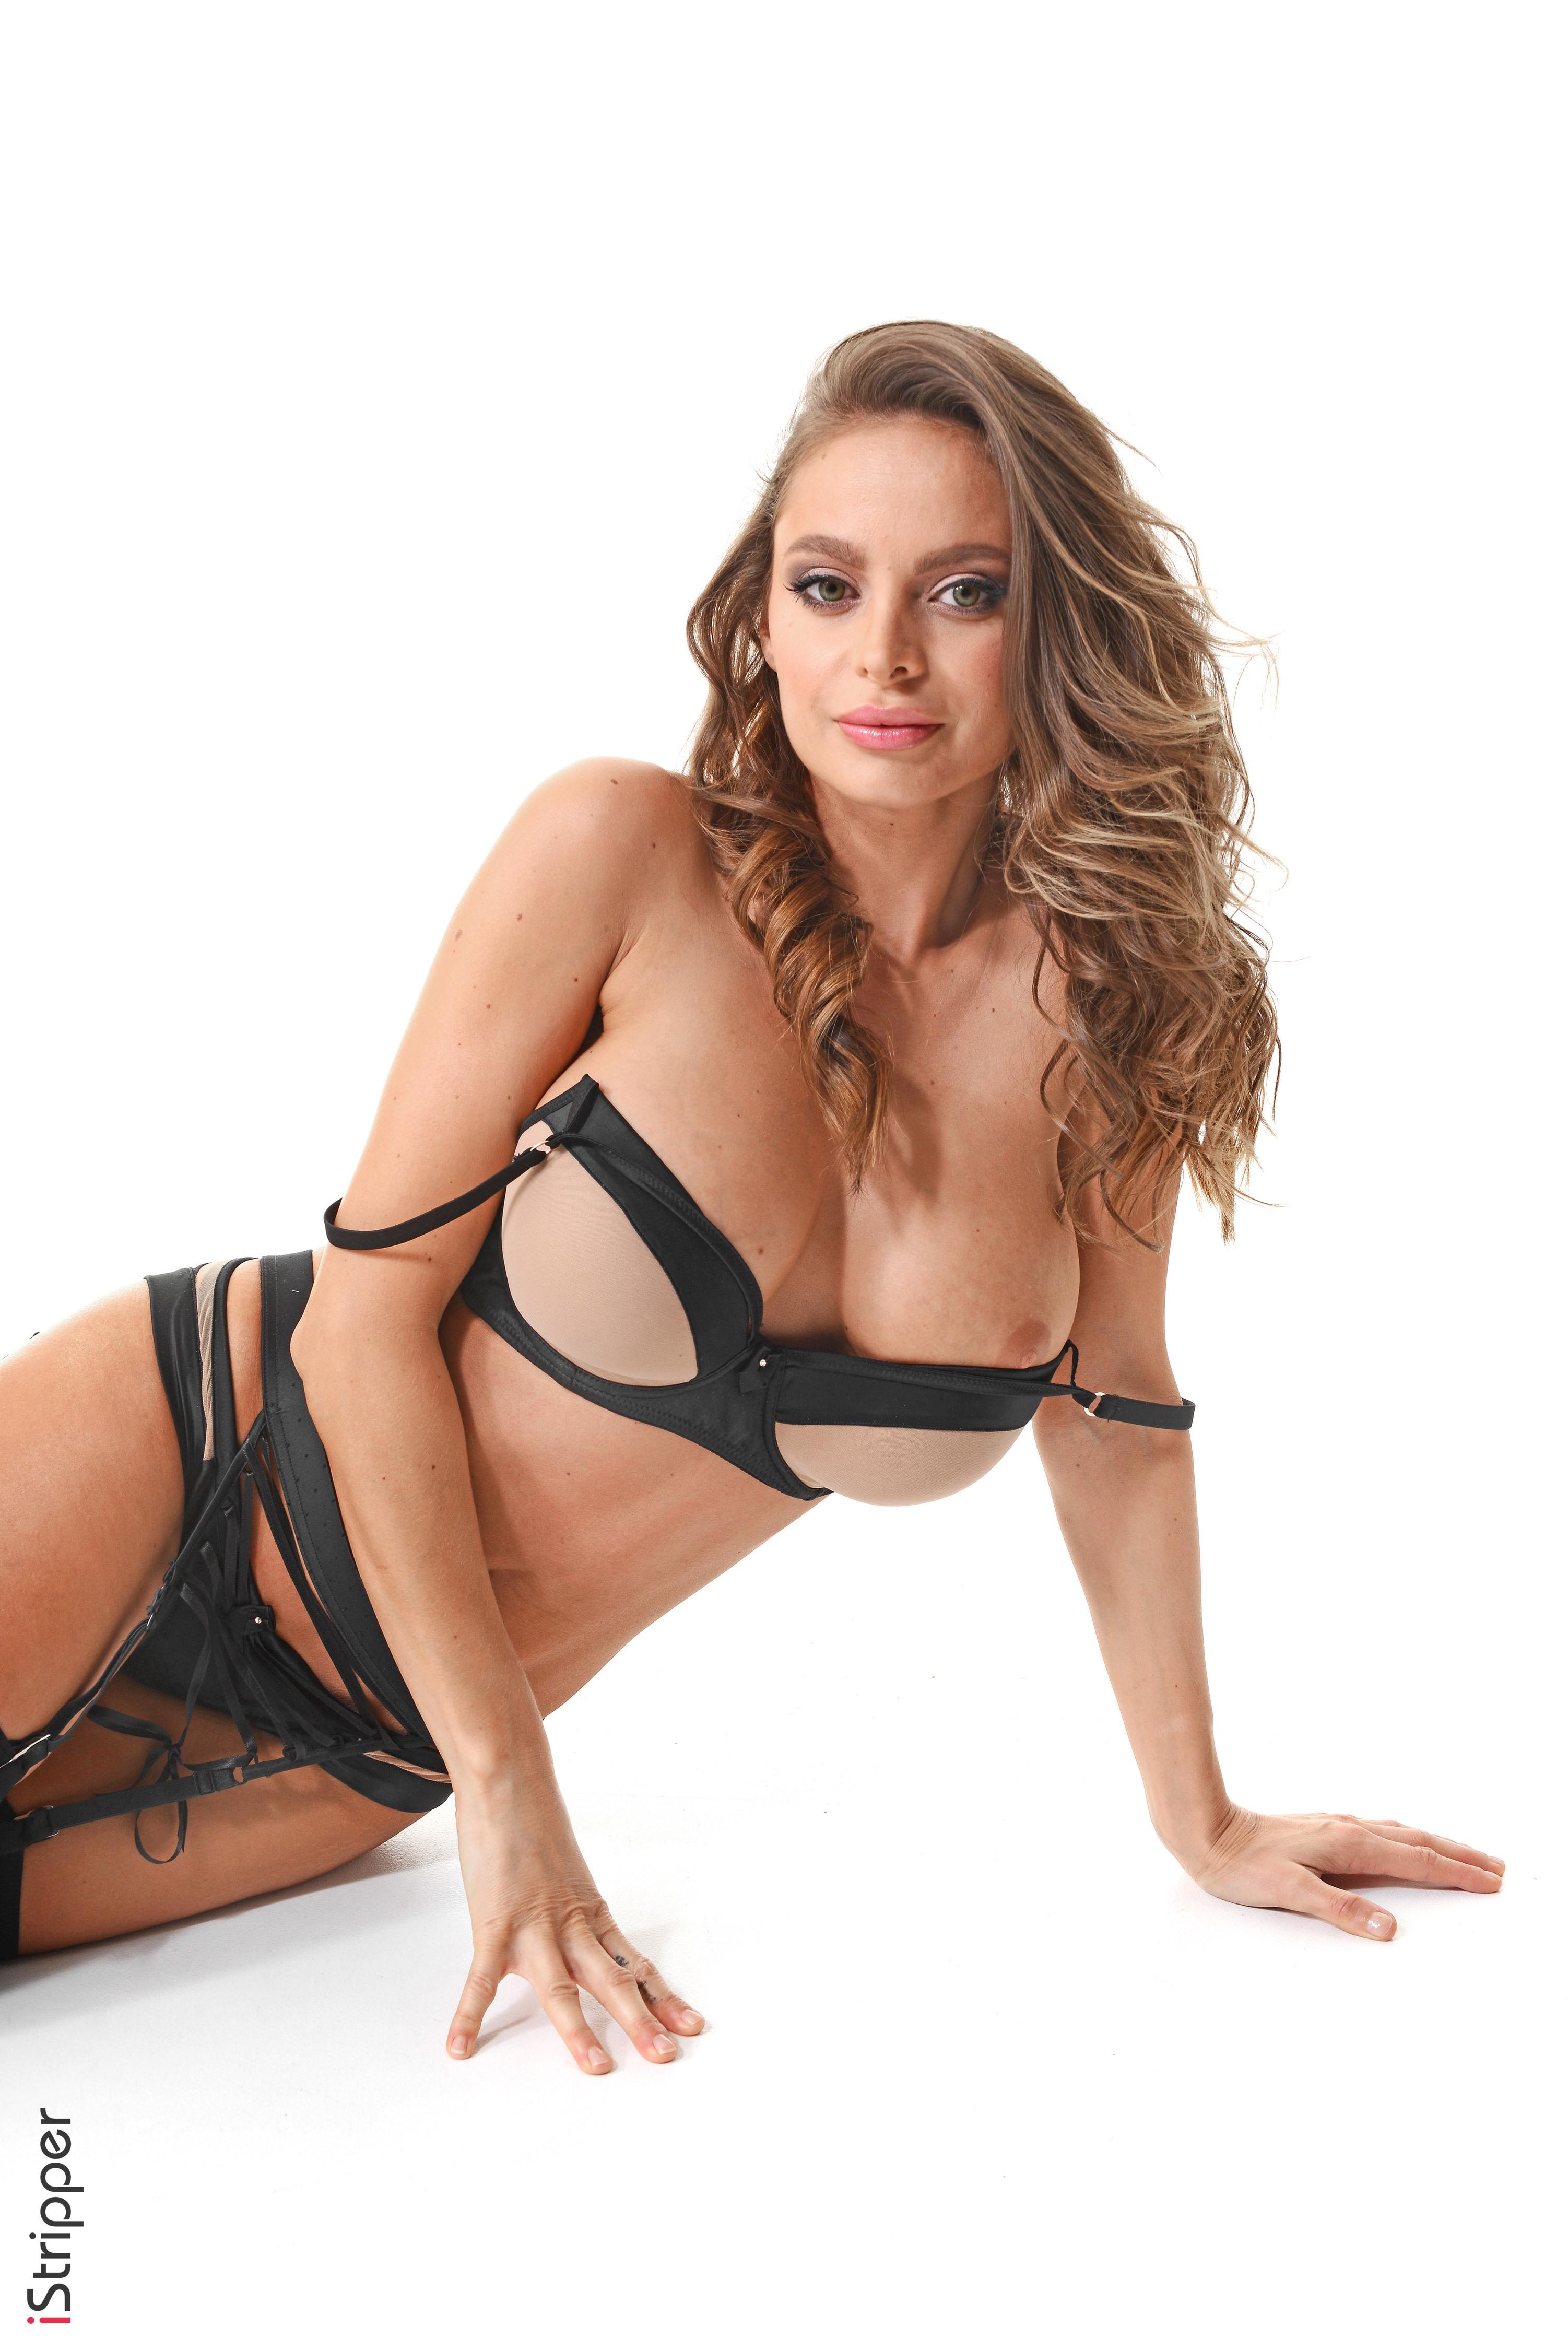 hot sexy women wallpaper